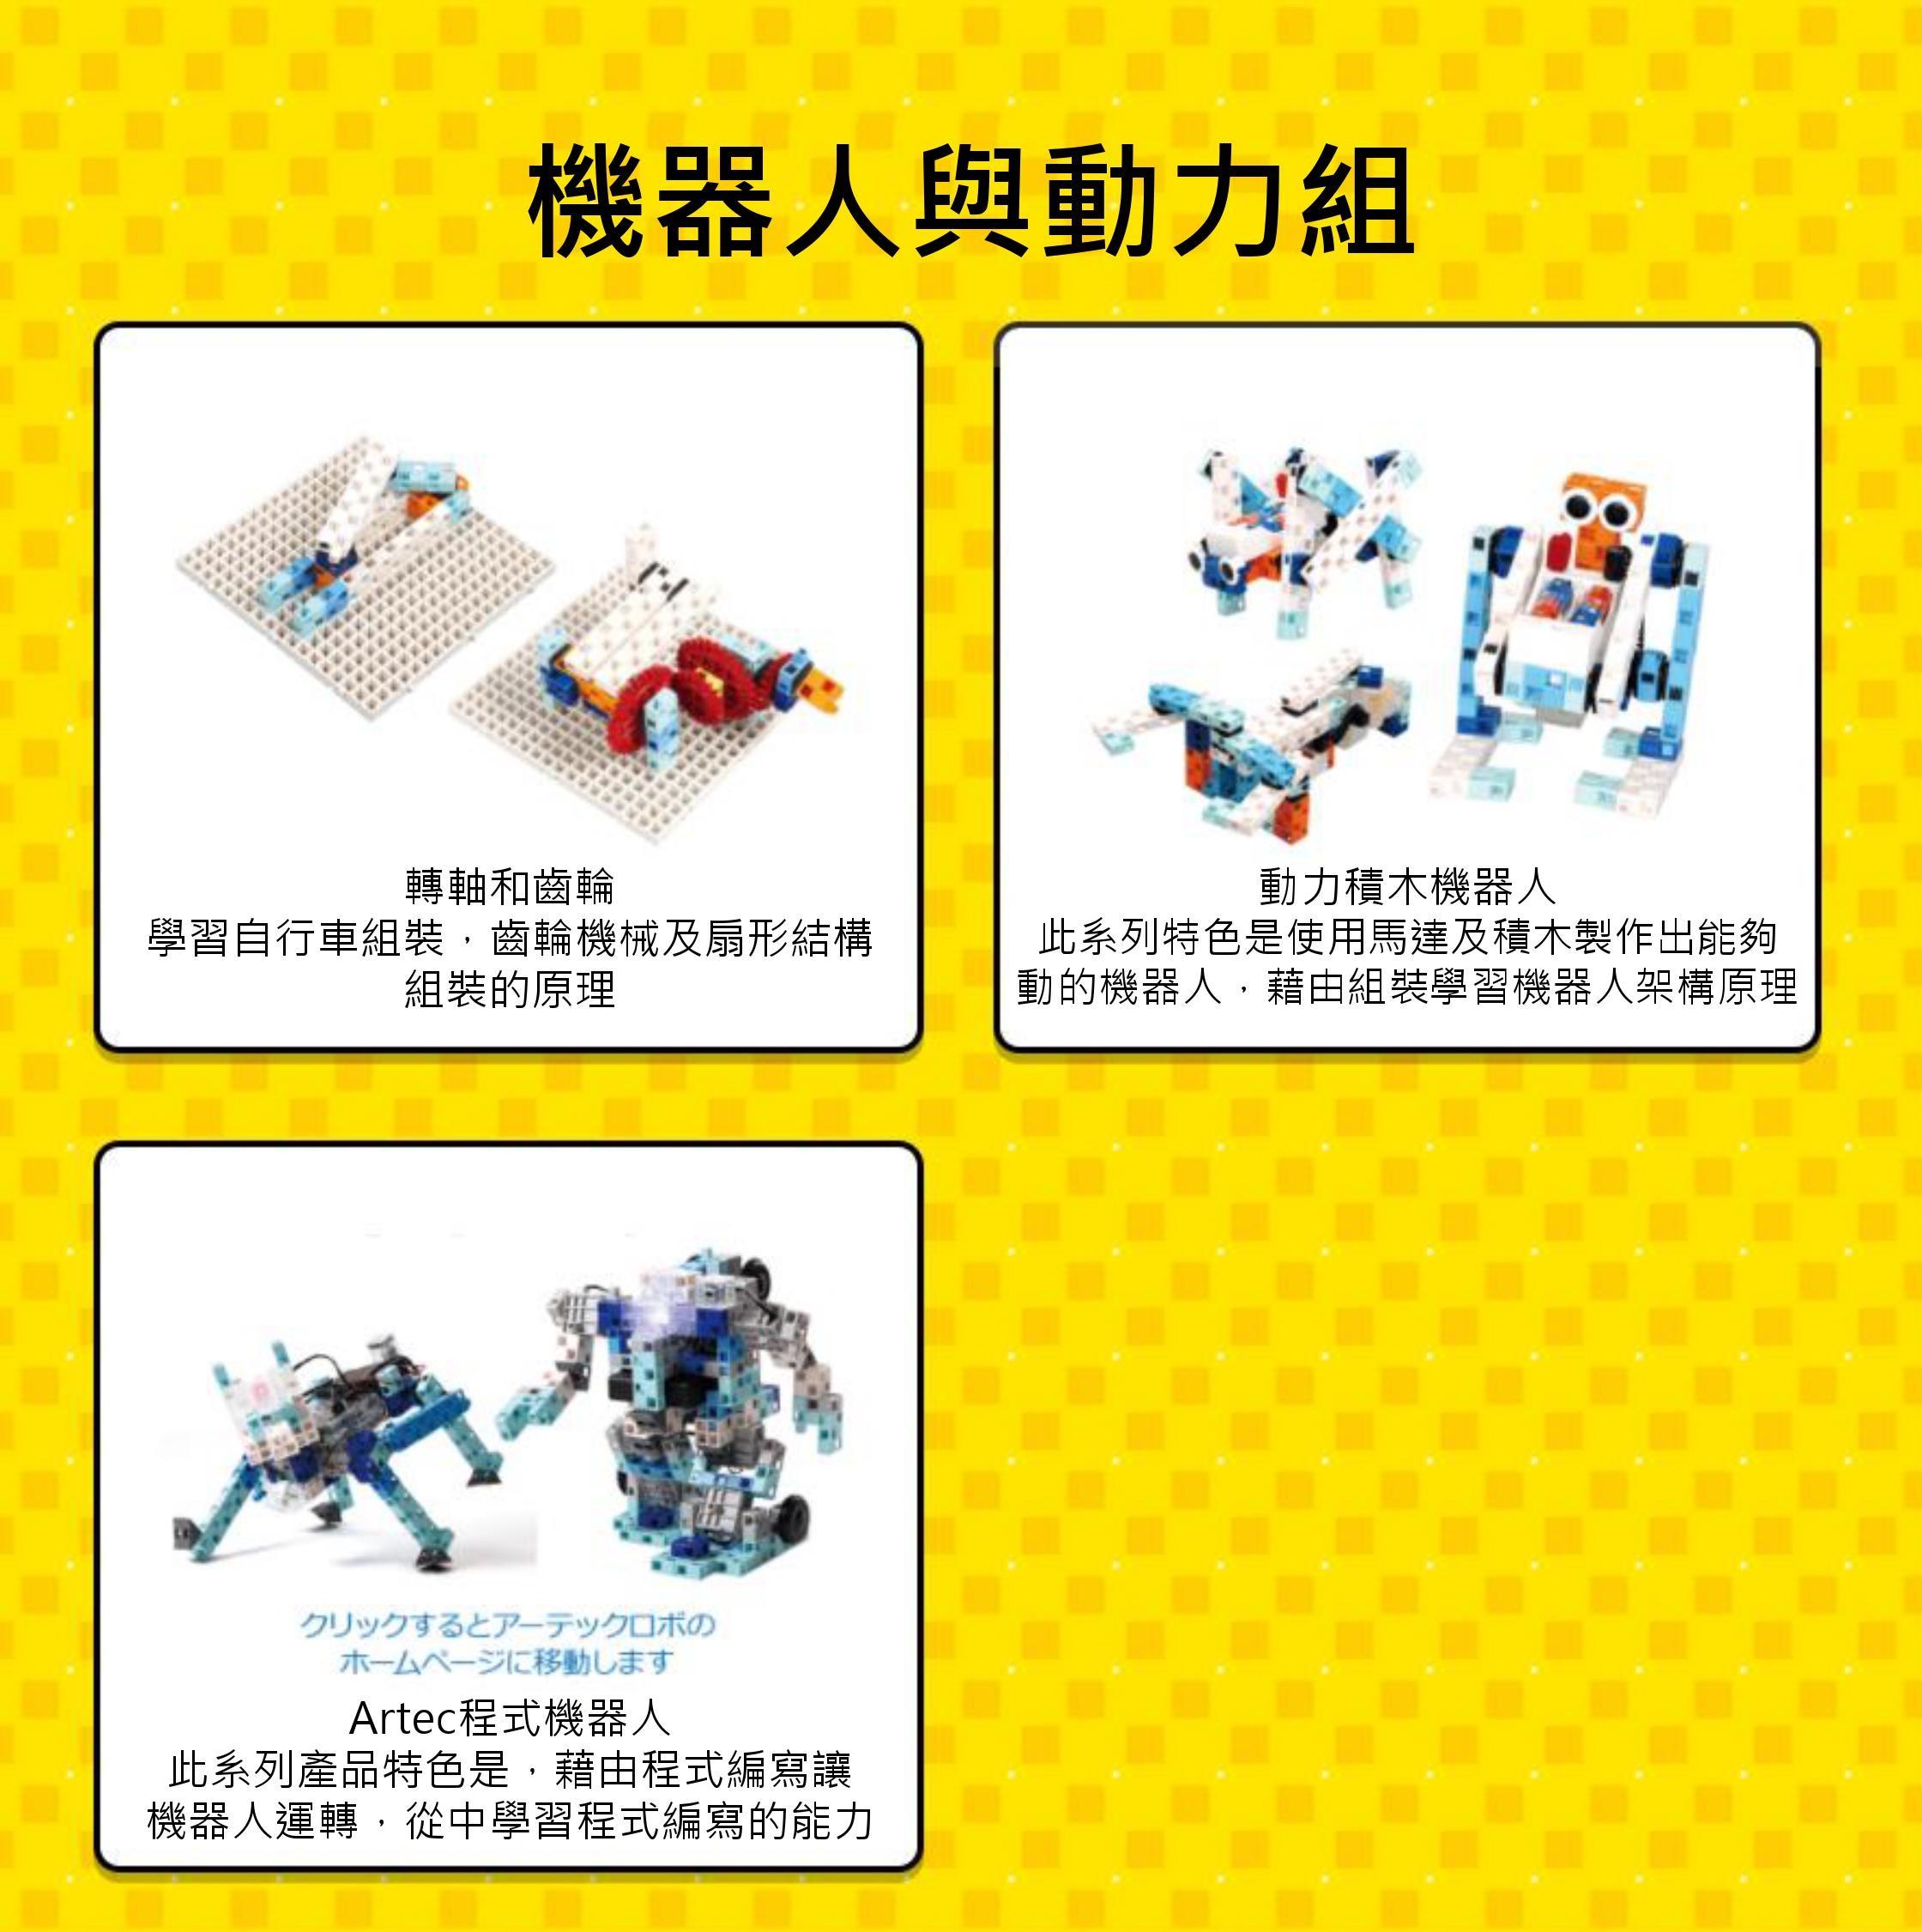 機器人與動力組